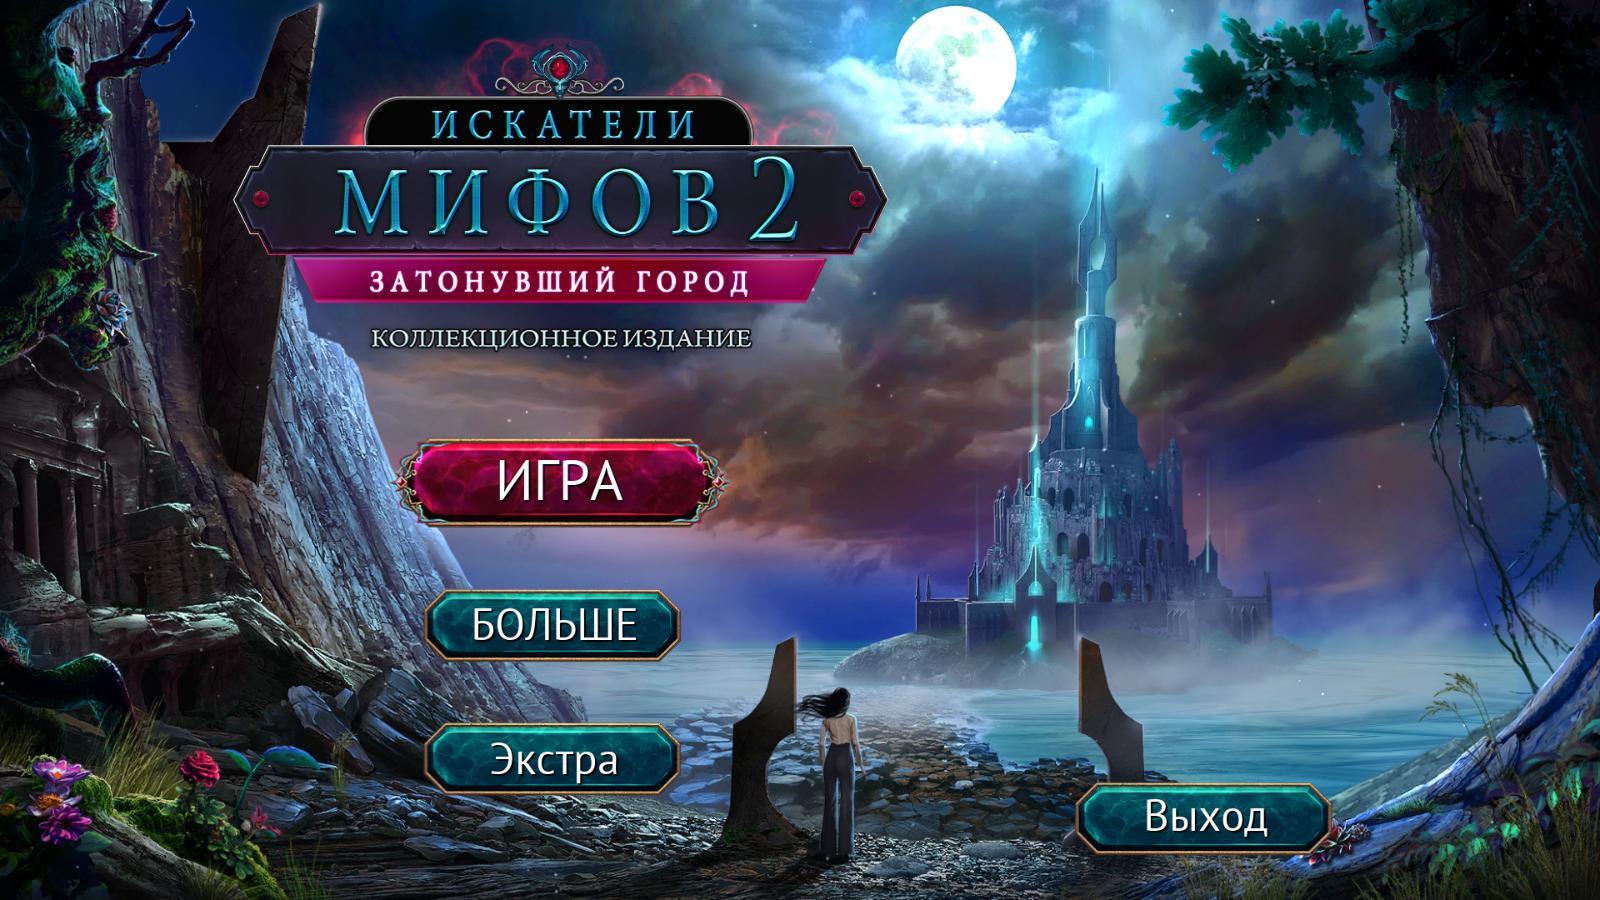 Искатели мифов 2: Затонувший город. Коллекционное издание | The Myth Seekers 2: The Sunken City CE (Rus)